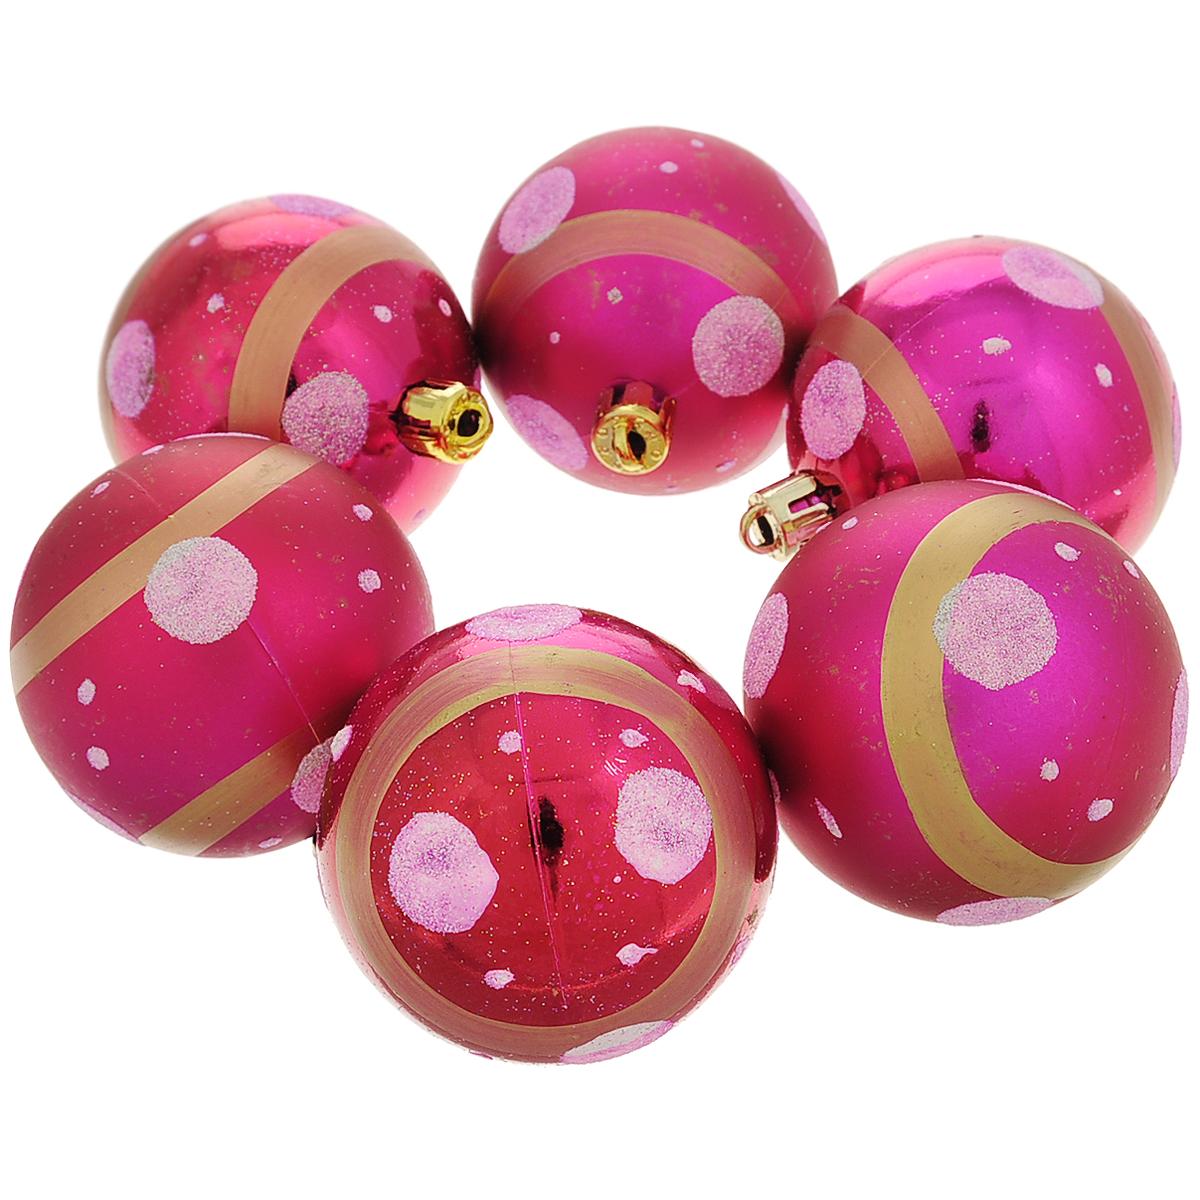 Набор новогодних подвесных украшений Шар, цвет: малиновый, диаметр 6 см, 6 шт. 3554206008A7401Набор новогодних подвесных украшений Шар прекрасно подойдет для праздничного декора новогодней ели. Состоит из шести шаров.Елочная игрушка - символ Нового года. Она несет в себе волшебство и красоту праздника. Создайте в своем доме атмосферу веселья и радости, украшая новогоднюю елку нарядными игрушками, которые будут из года в год накапливать теплоту воспоминаний. Коллекция декоративных украшений принесет в ваш дом ни с чем несравнимое ощущение волшебства! Откройте для себя удивительный мир сказок и грез. Почувствуйте волшебные минуты ожидания праздника, создайте новогоднее настроение вашим дорогим и близким.